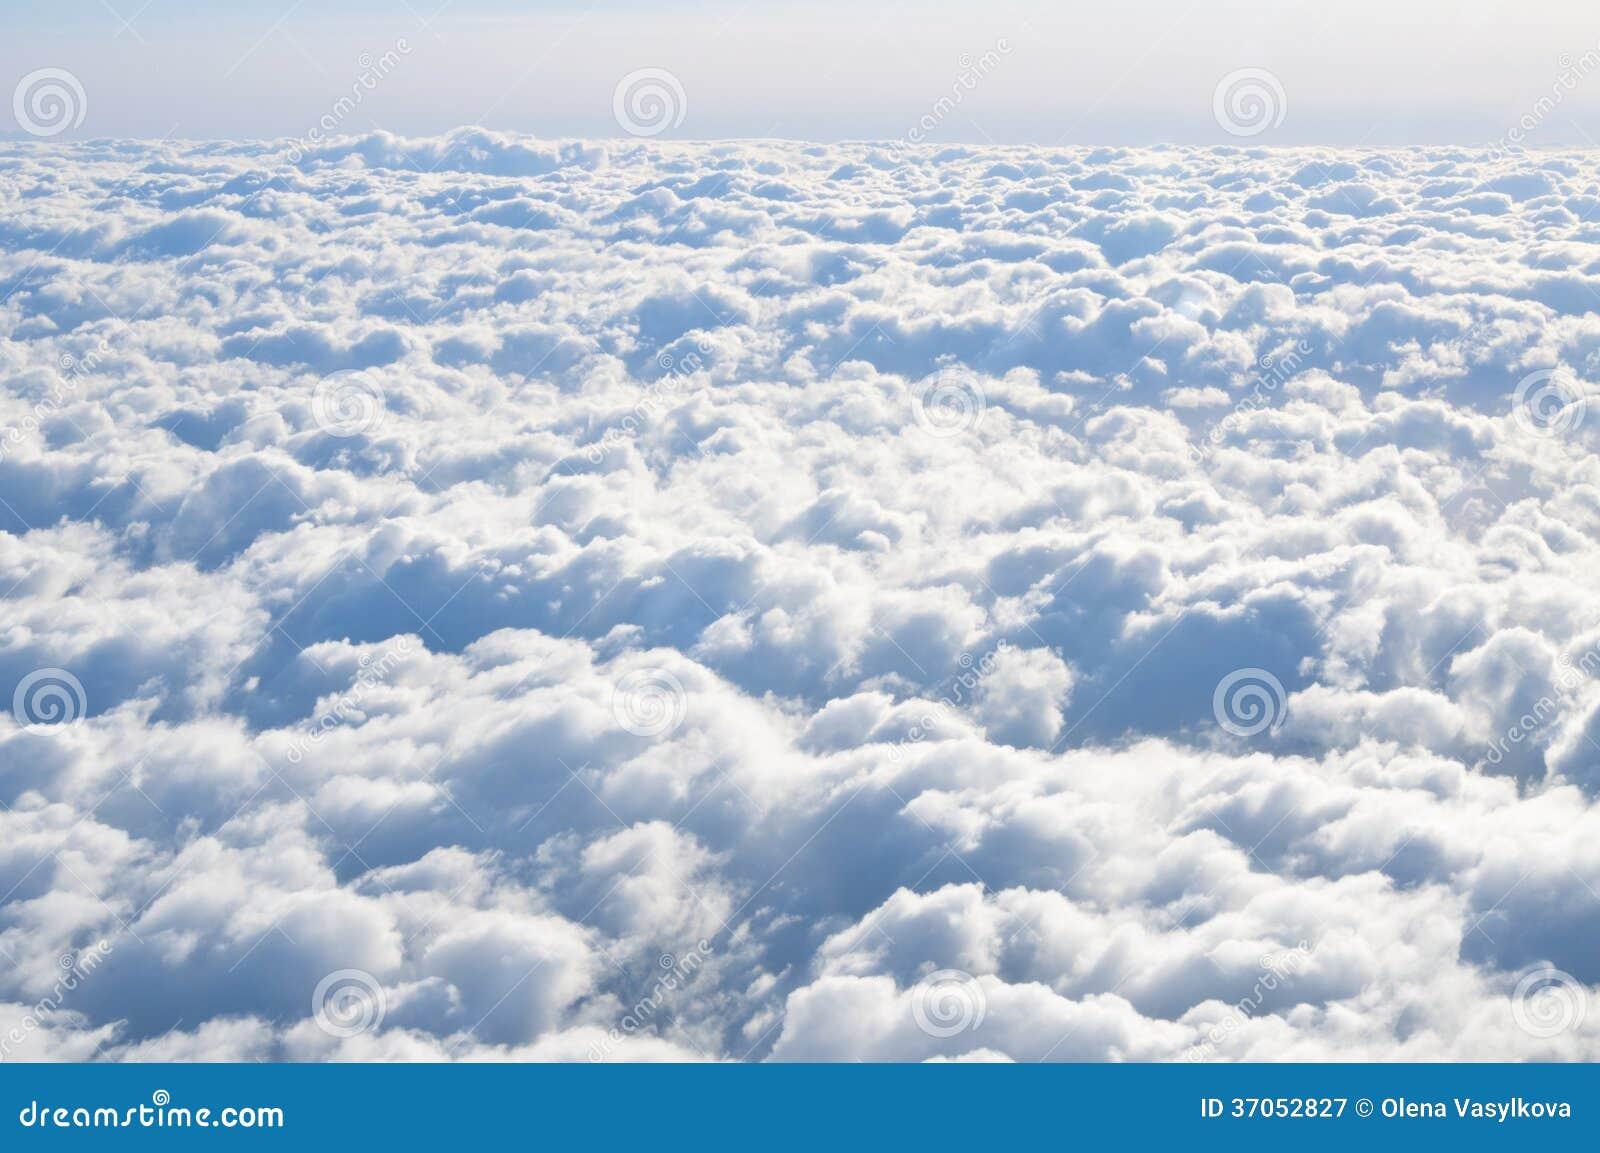 在天空的云彩 免版税图库摄影 - 图片: 37052827图片